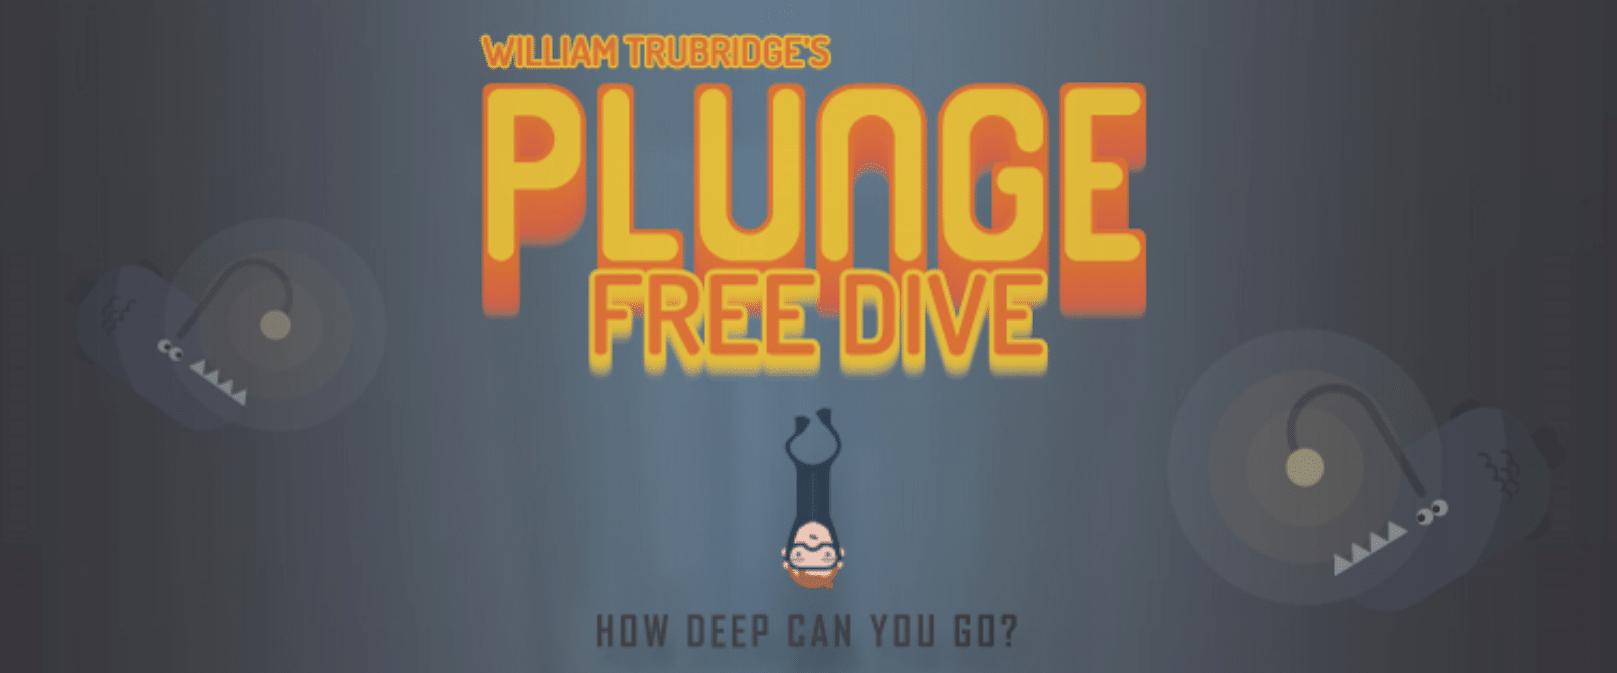 Check Out World Champion Freediver William Trubridge's New Smartphone Game